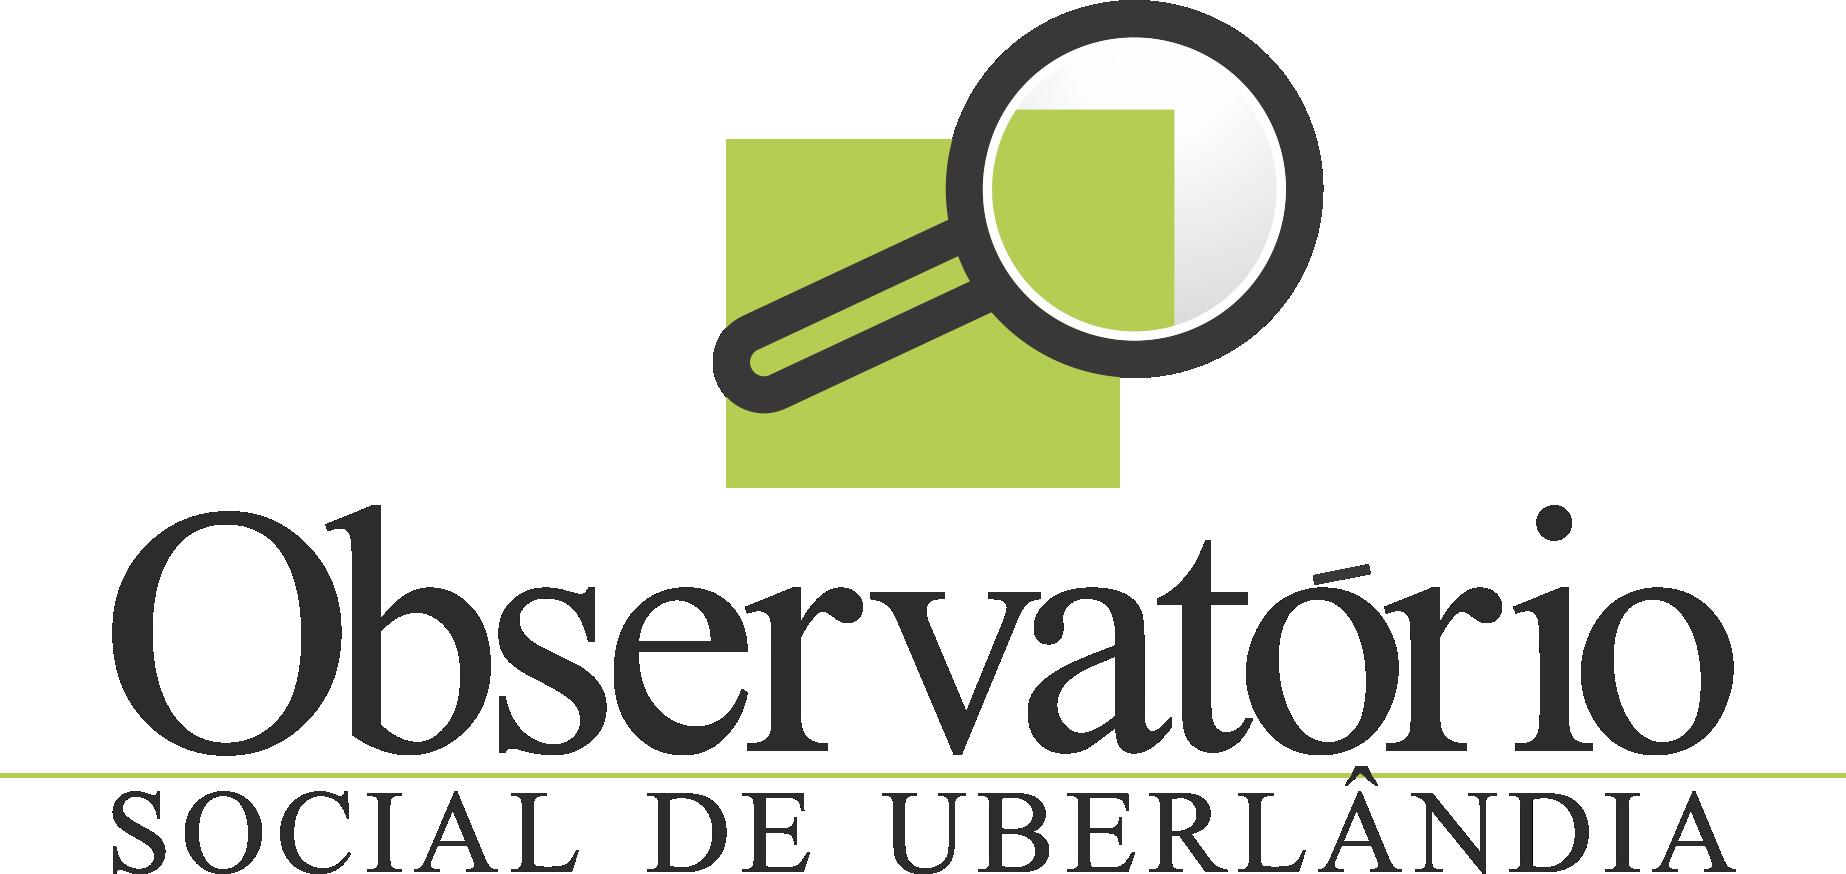 Observatório Social de Uberlândia